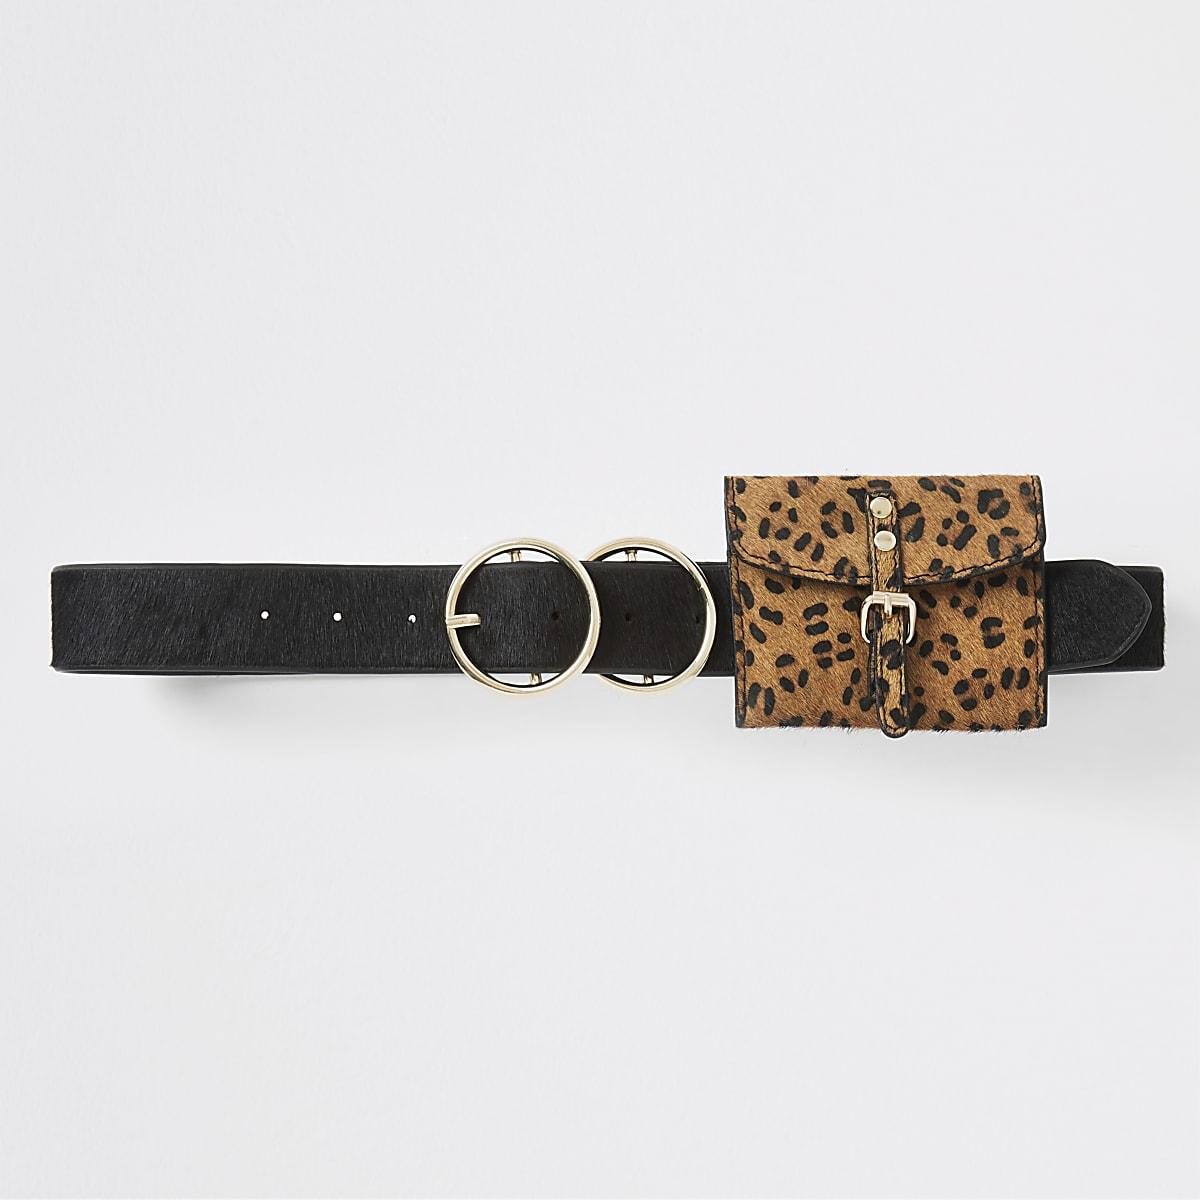 Ceinture à imprimé léopard noire avec porte-monnaie